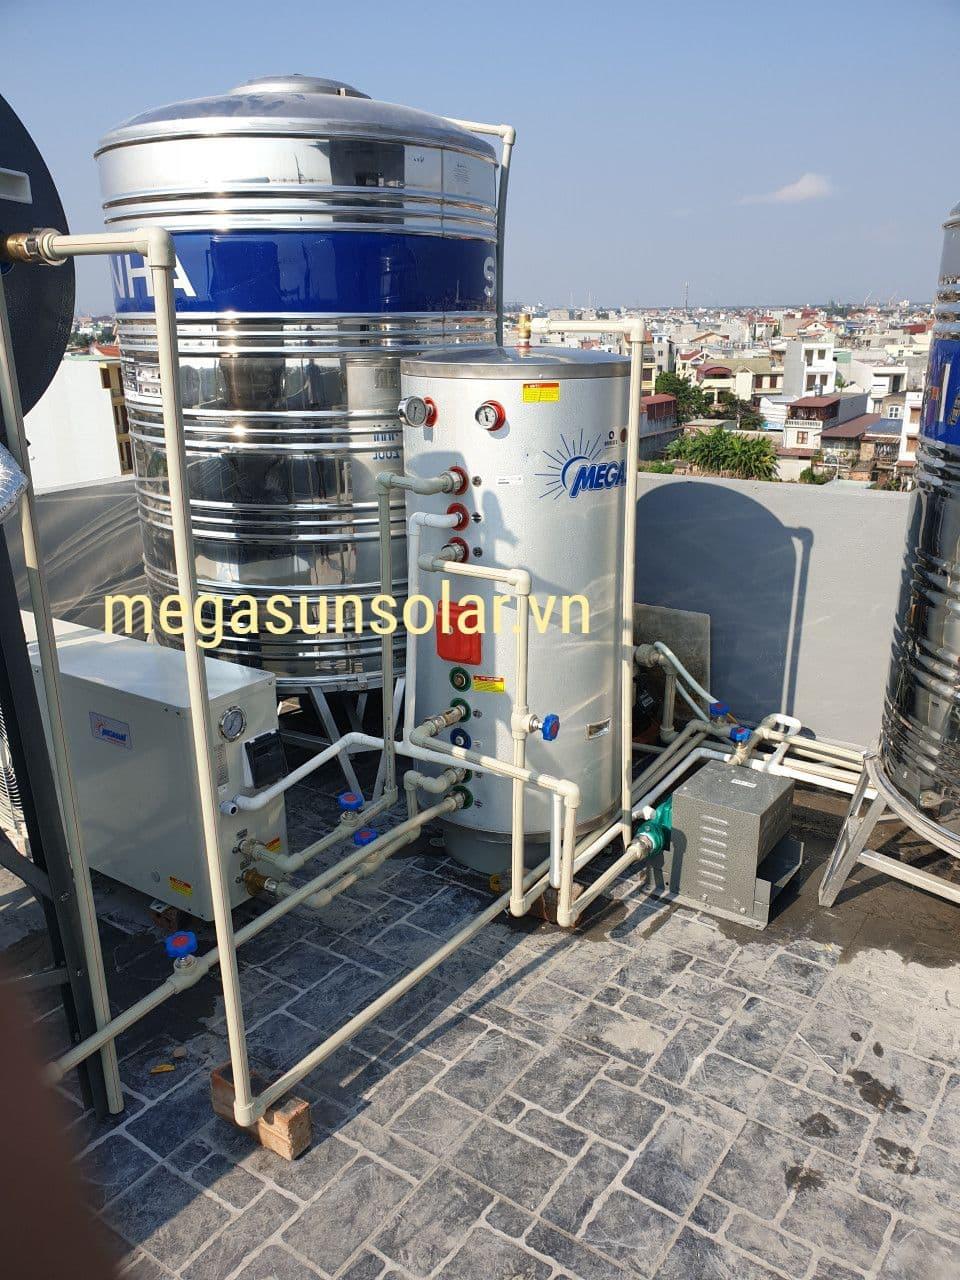 Bơm nhiệt Megasun tại biệt thự đông hải